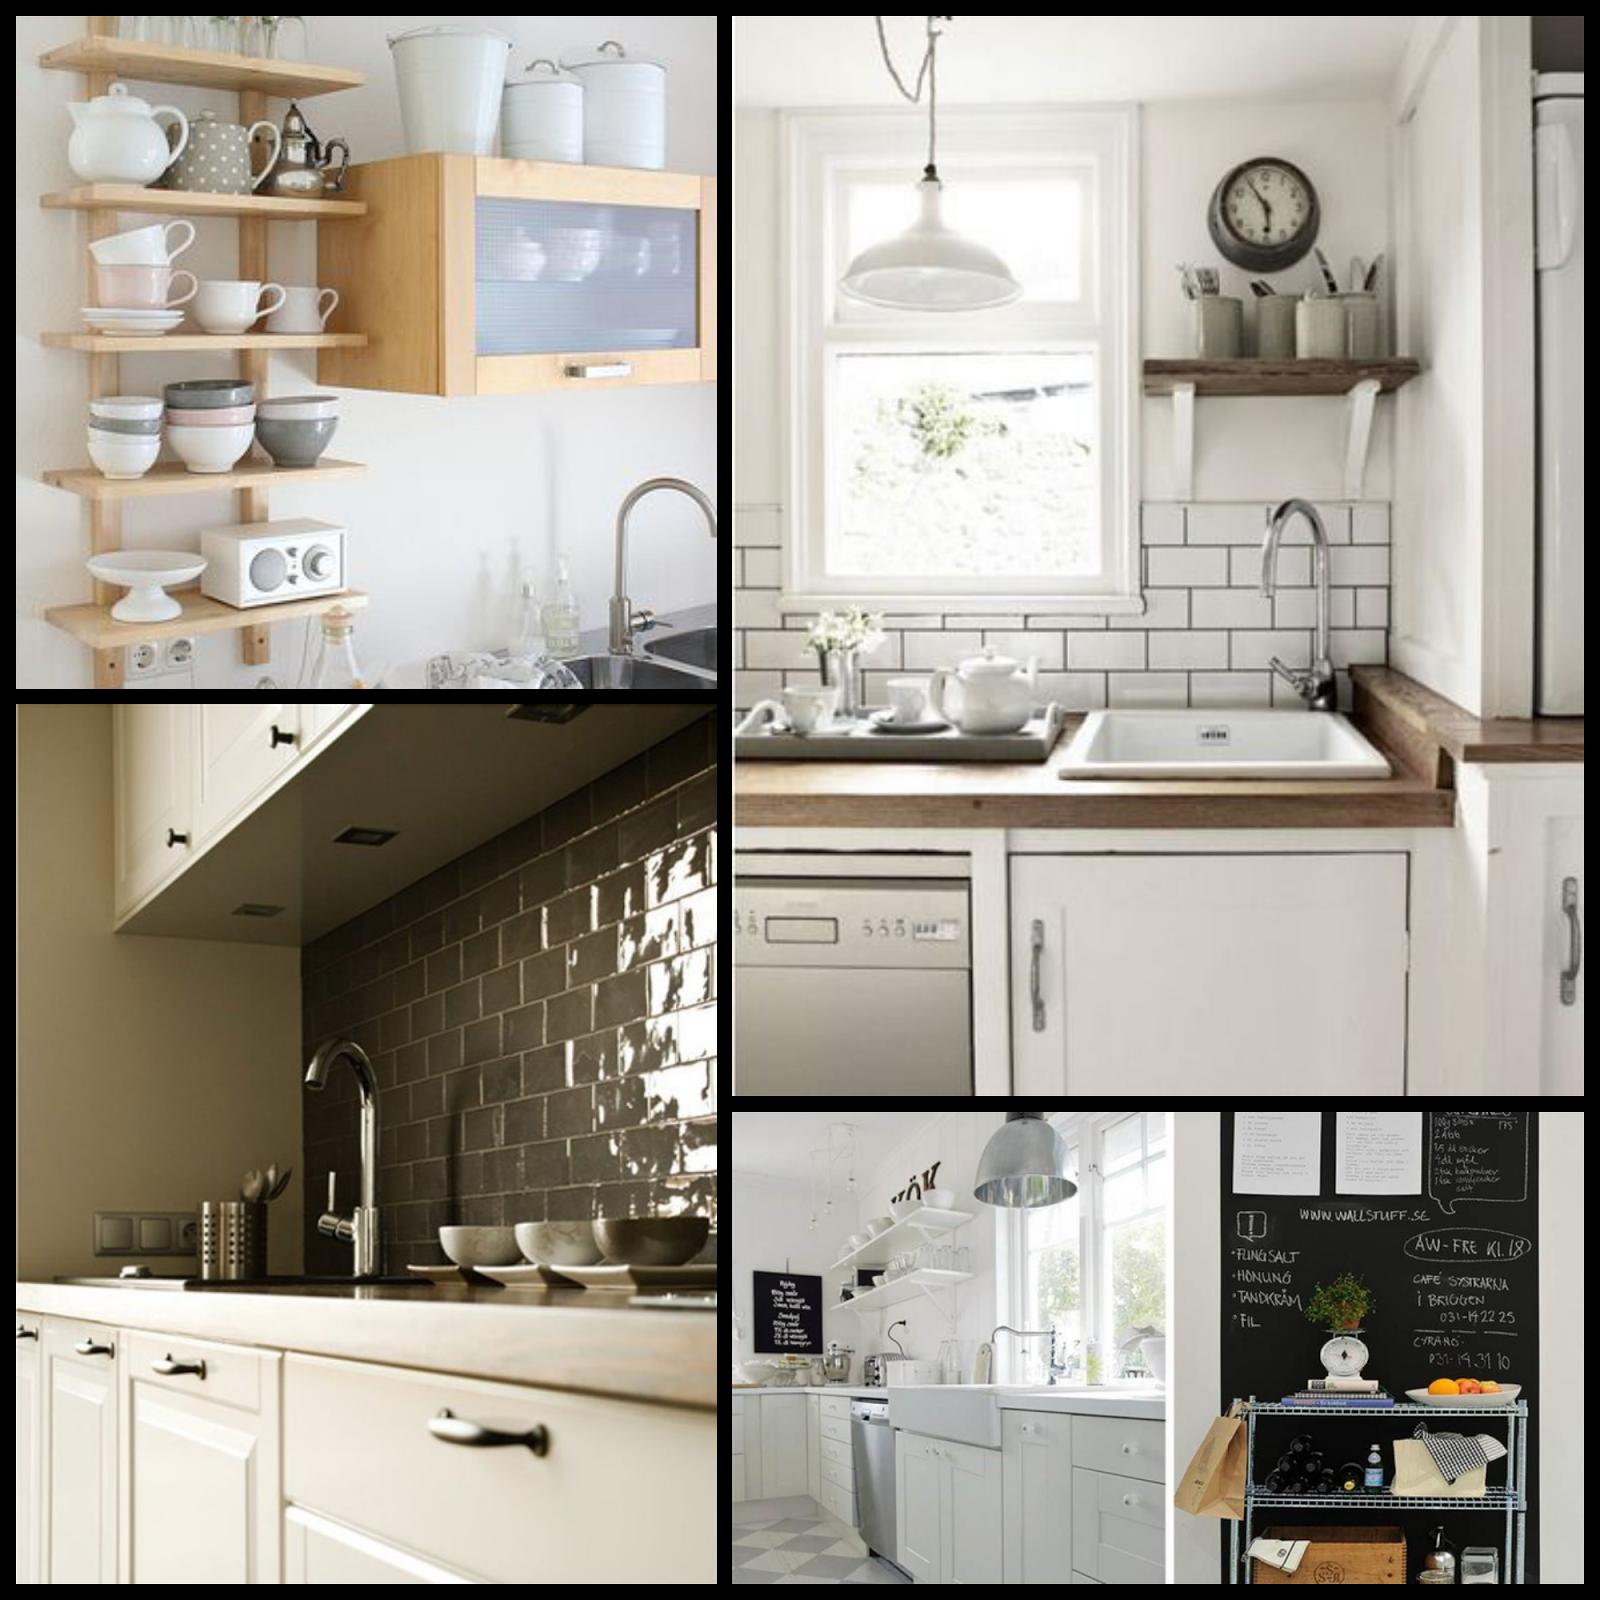 Una pizca de hogar 10 trucos para reformar tu cocina sin - Ideas decoracion cocina ...